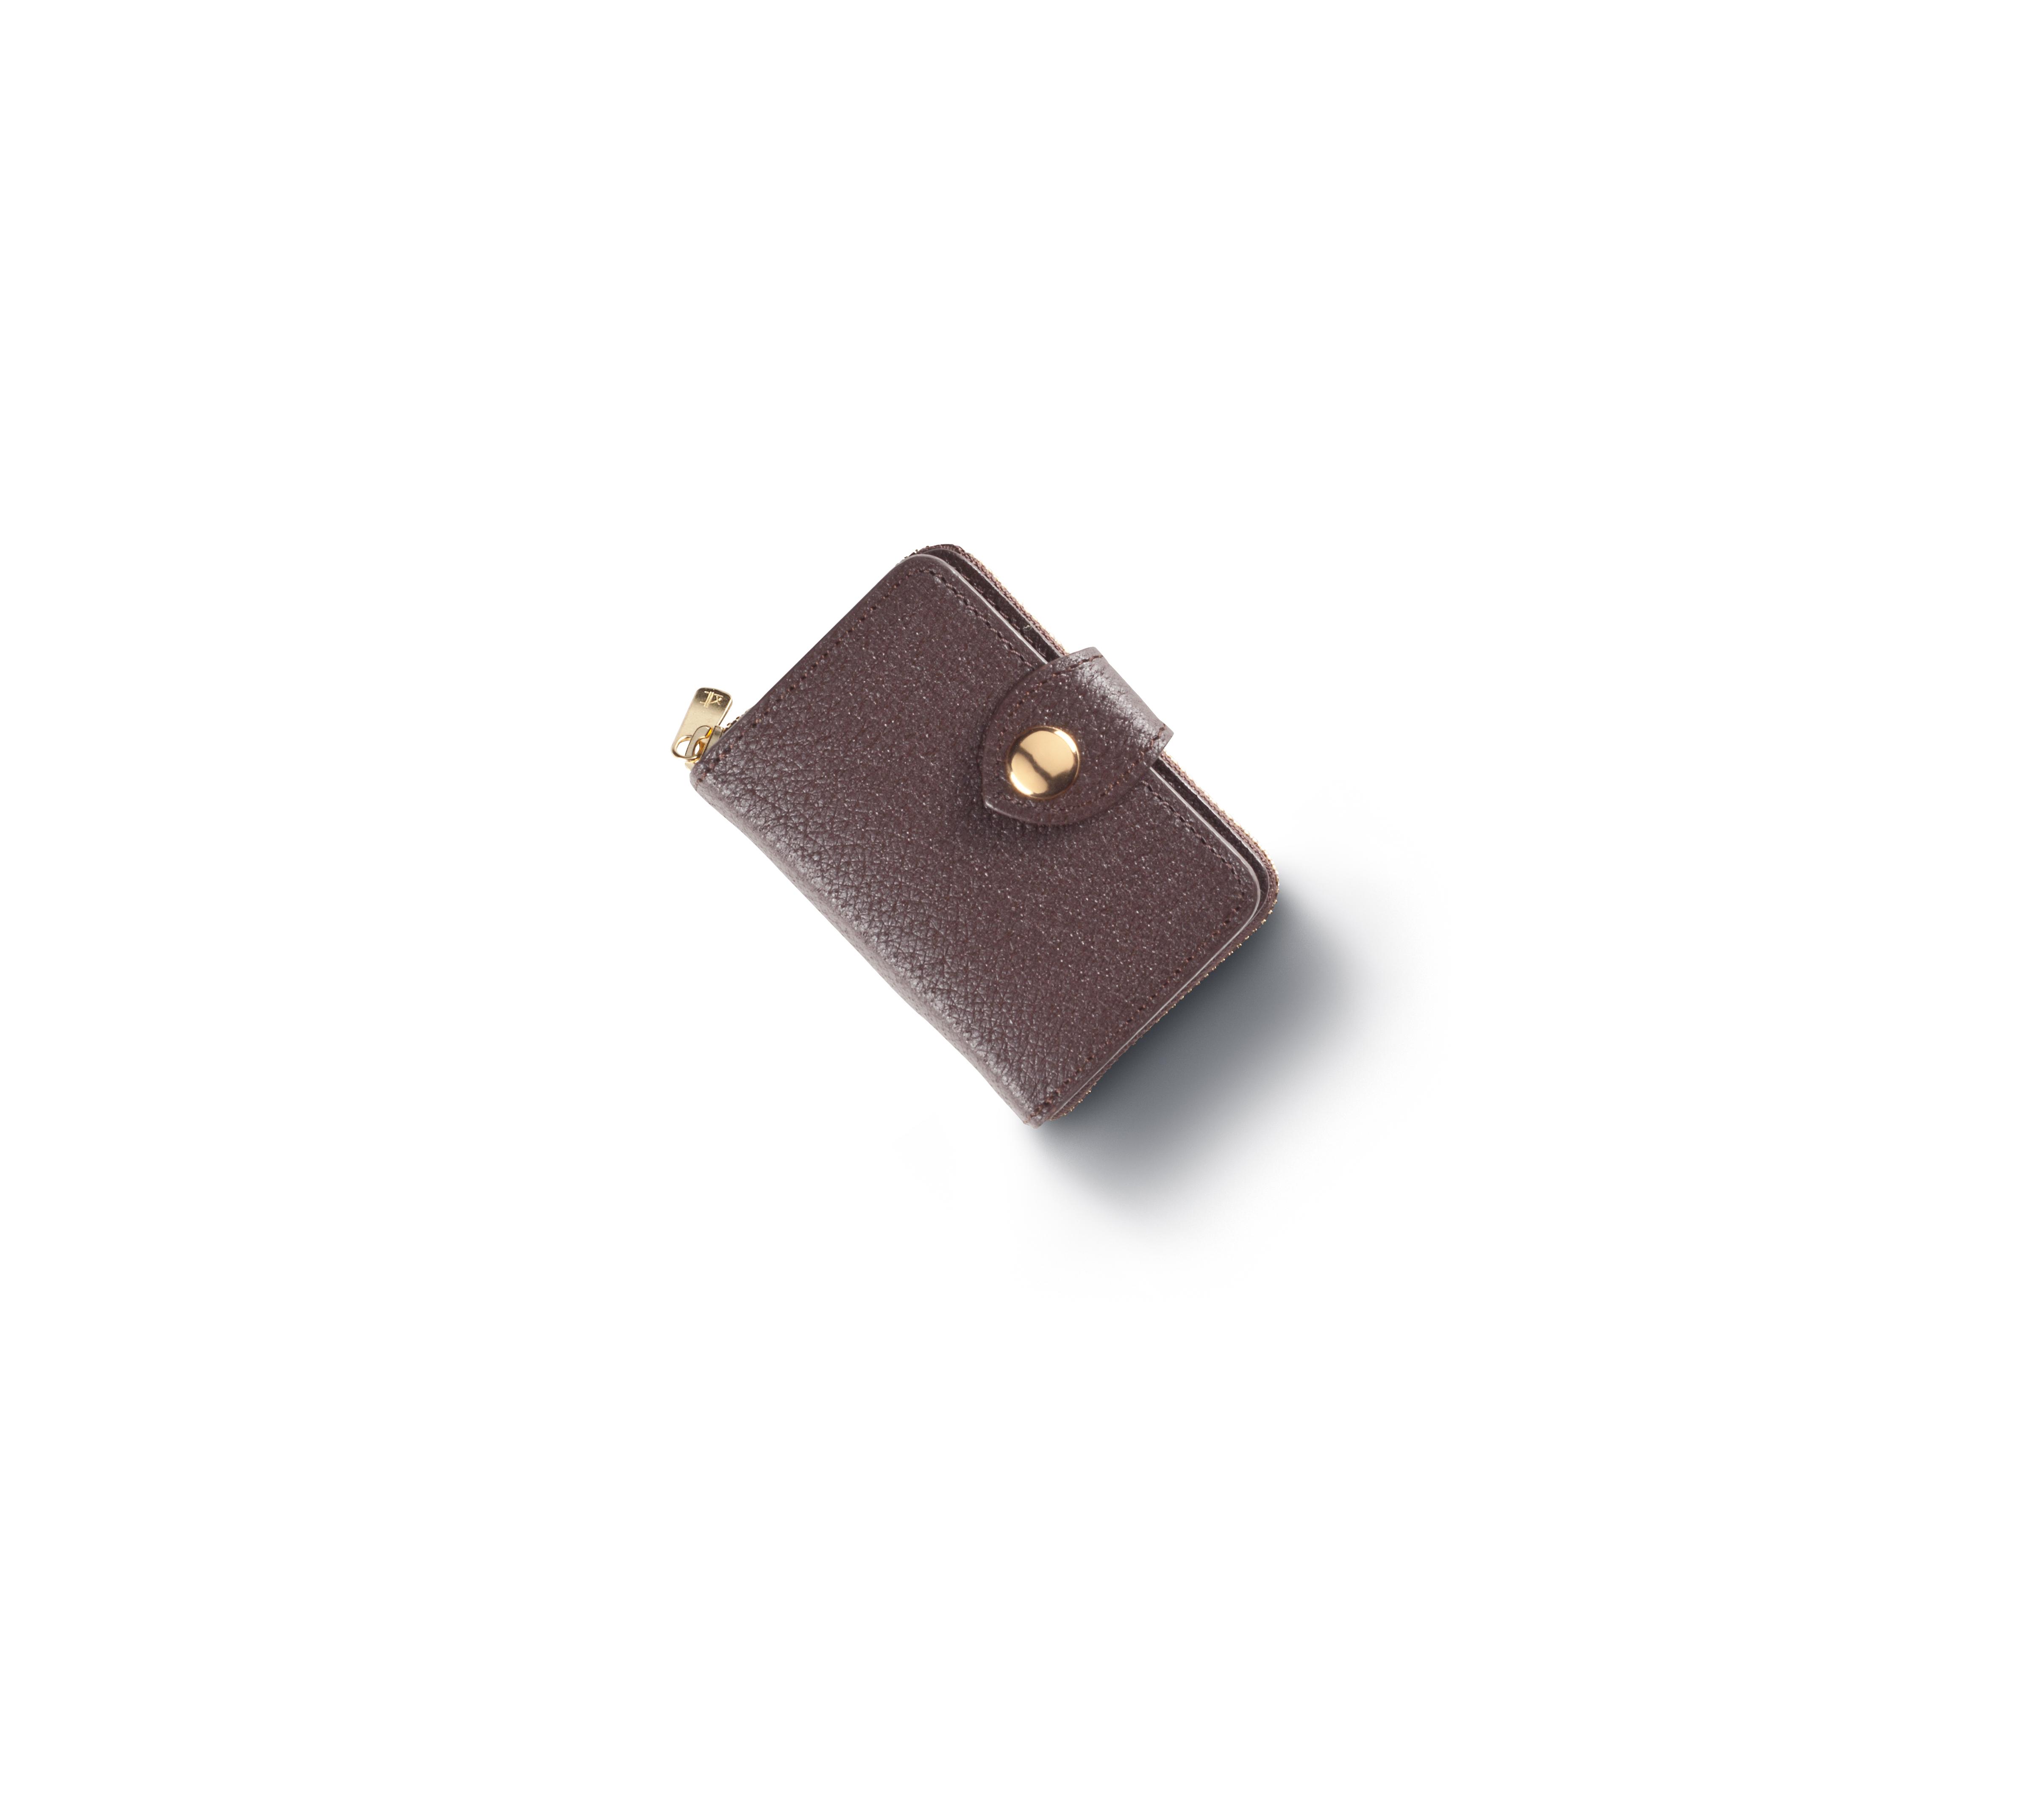 ワイルドボアレザー スマートキーケース(Brown)